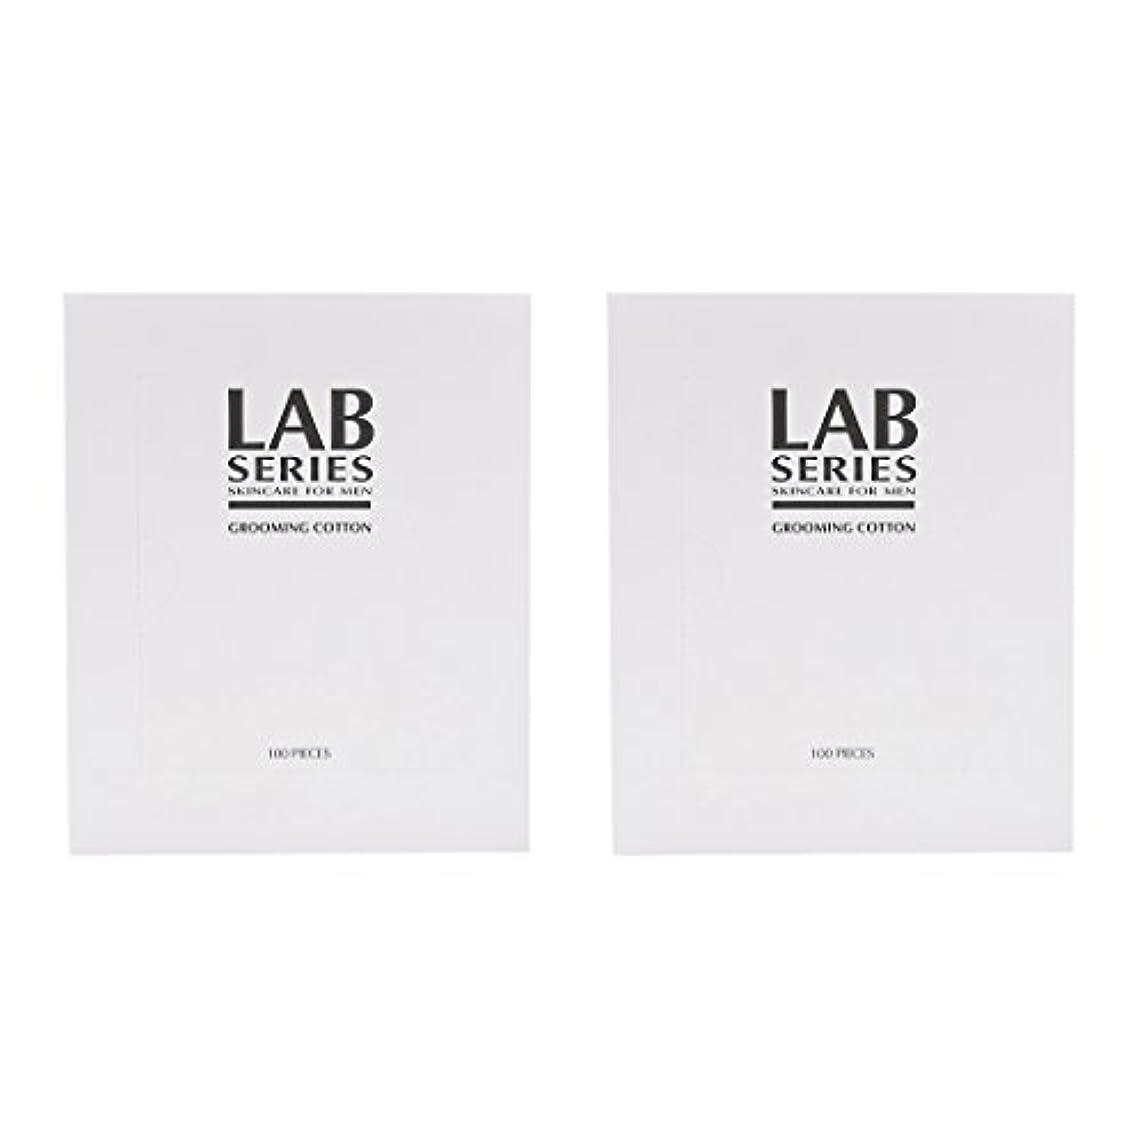 鉄スタンド審判ラボシリーズ(LAB SERIES) ラボシリーズ(LAB SERIES) グルーミング コットン2P (200枚)